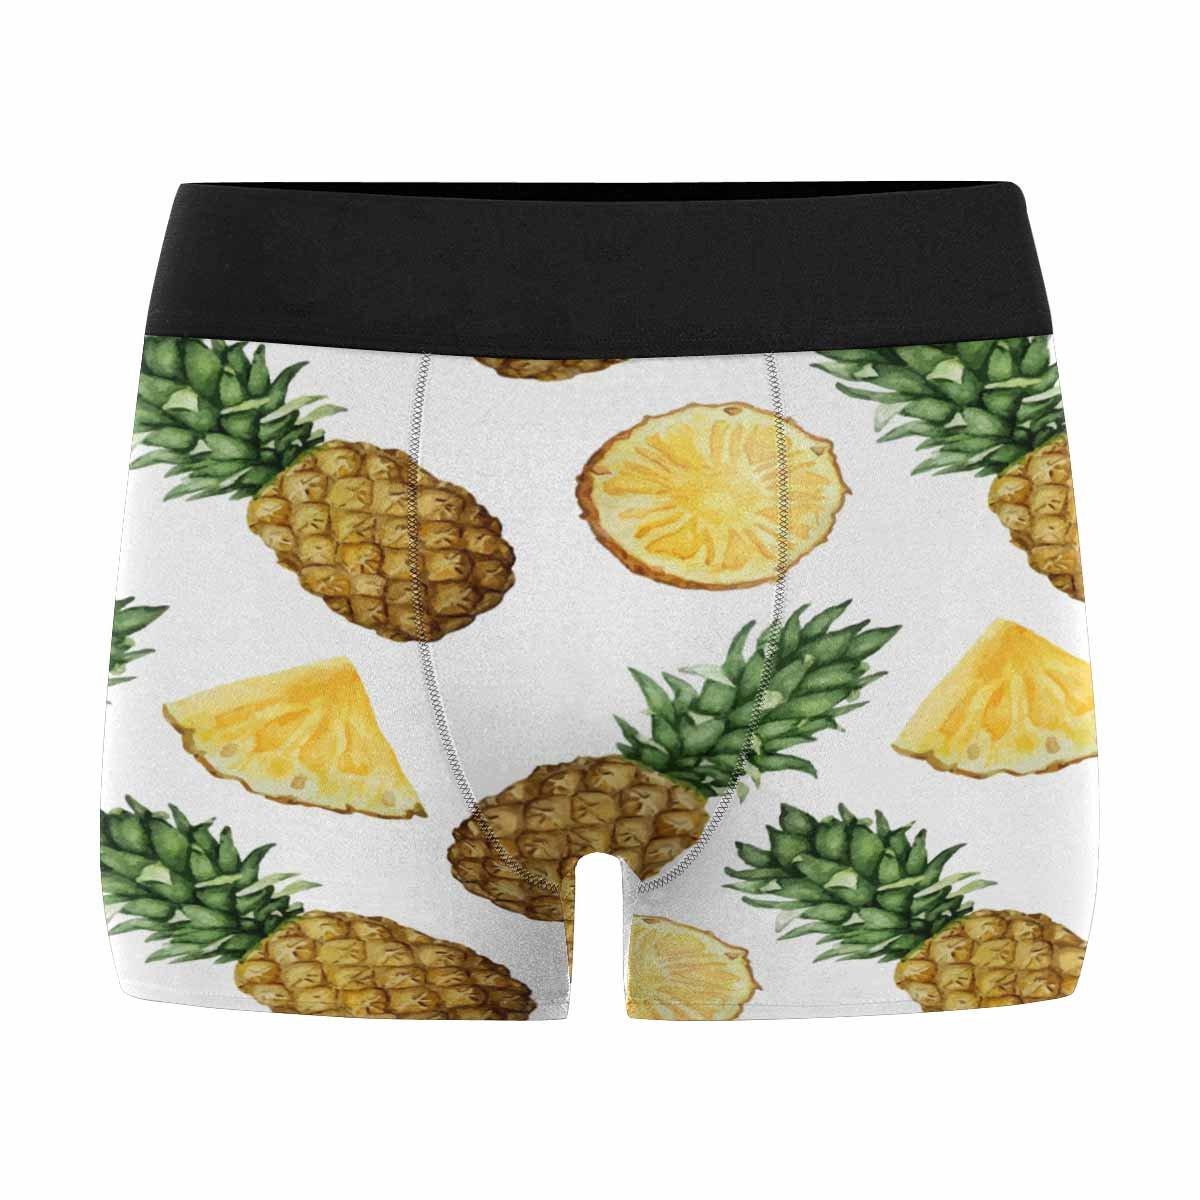 INTERESTPRINT Mens Boxer Briefs Underwear Pineapples XS-3XL